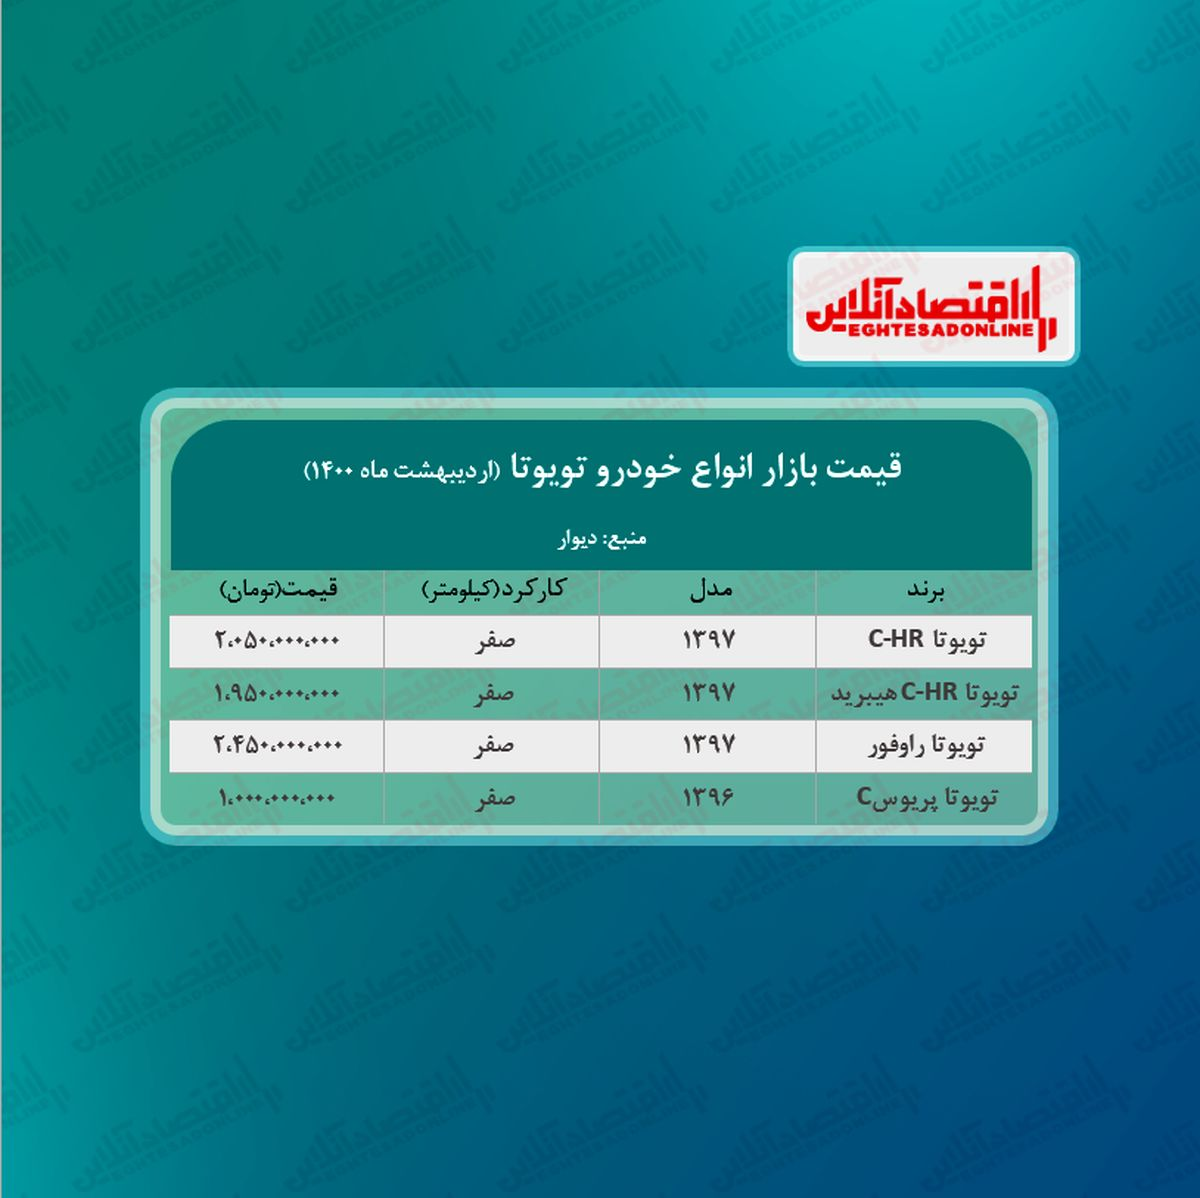 جدیدترین قیمت تویوتا C-HR در تهران + جدول